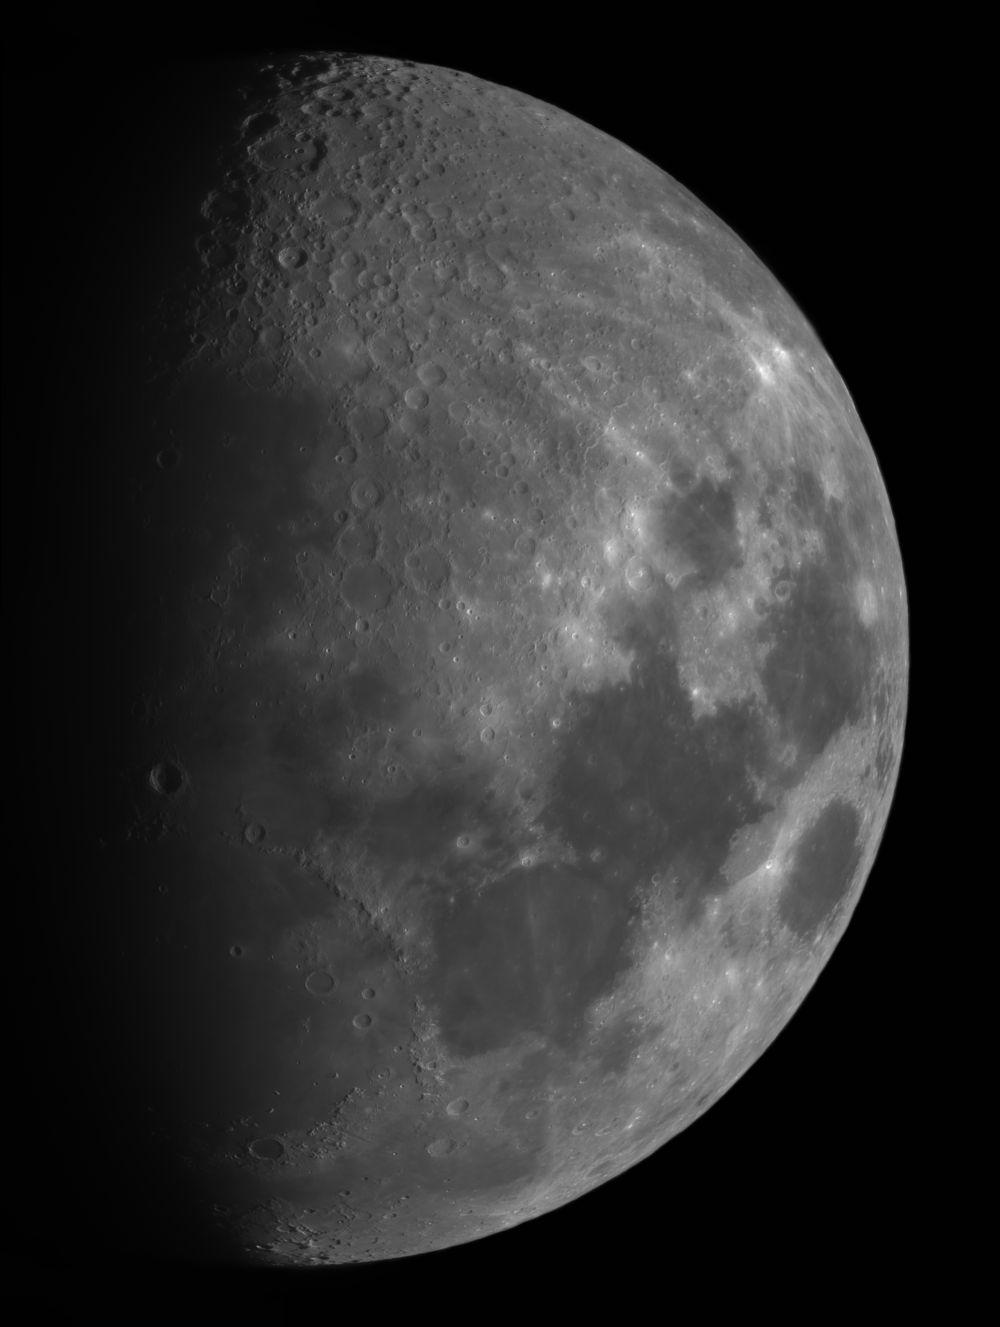 Луна. панорамка 75% (смотрибельнее =) )